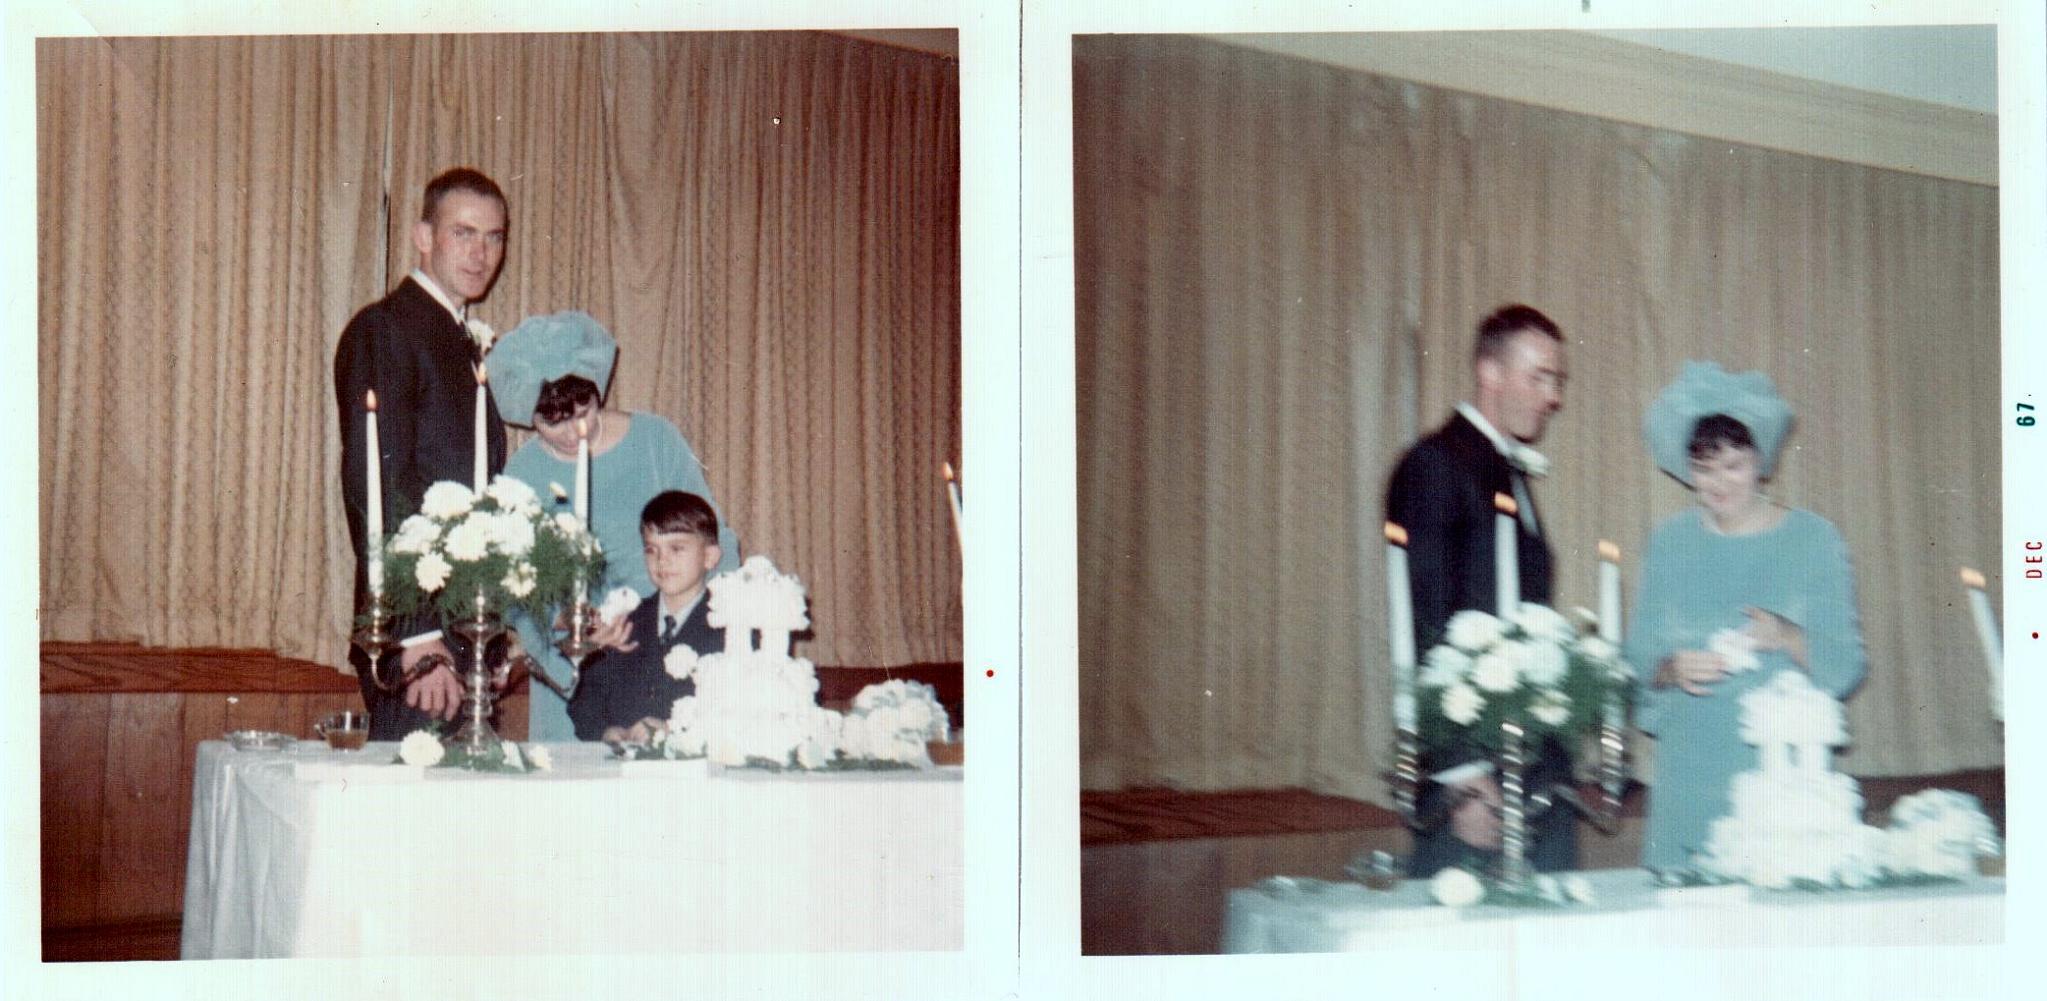 Wedding day, November 24, 1967